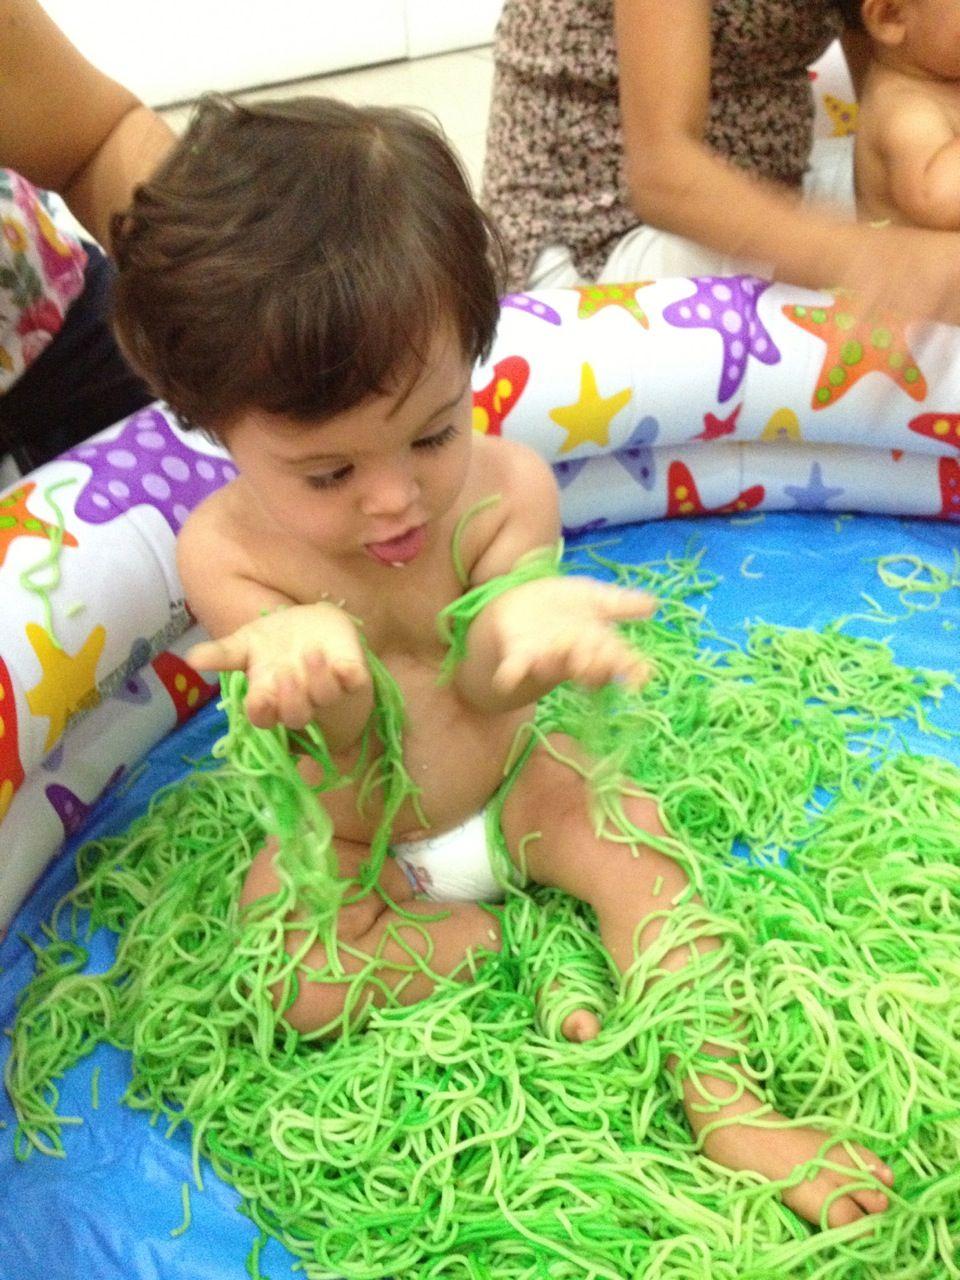 Estimulaci n temprana beb s con s ndrome de down pinterest montessori sensory play and reggio - Estimulacion bebe 3 meses ...